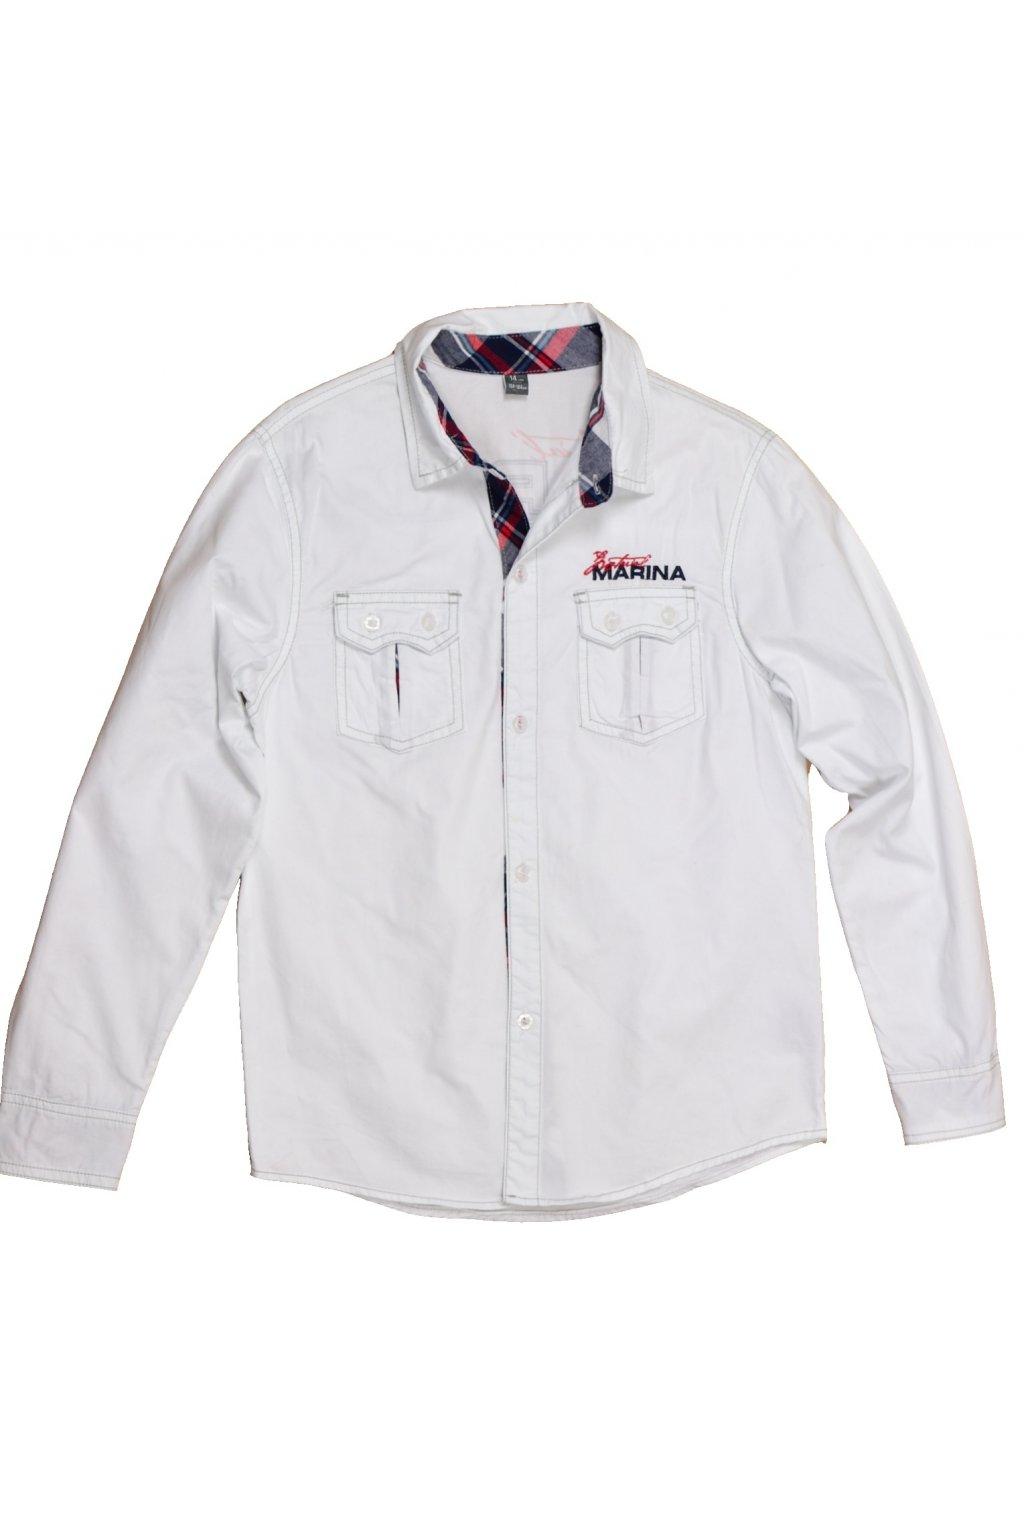 Košile Z&Y 158/164 bílá s nápisy